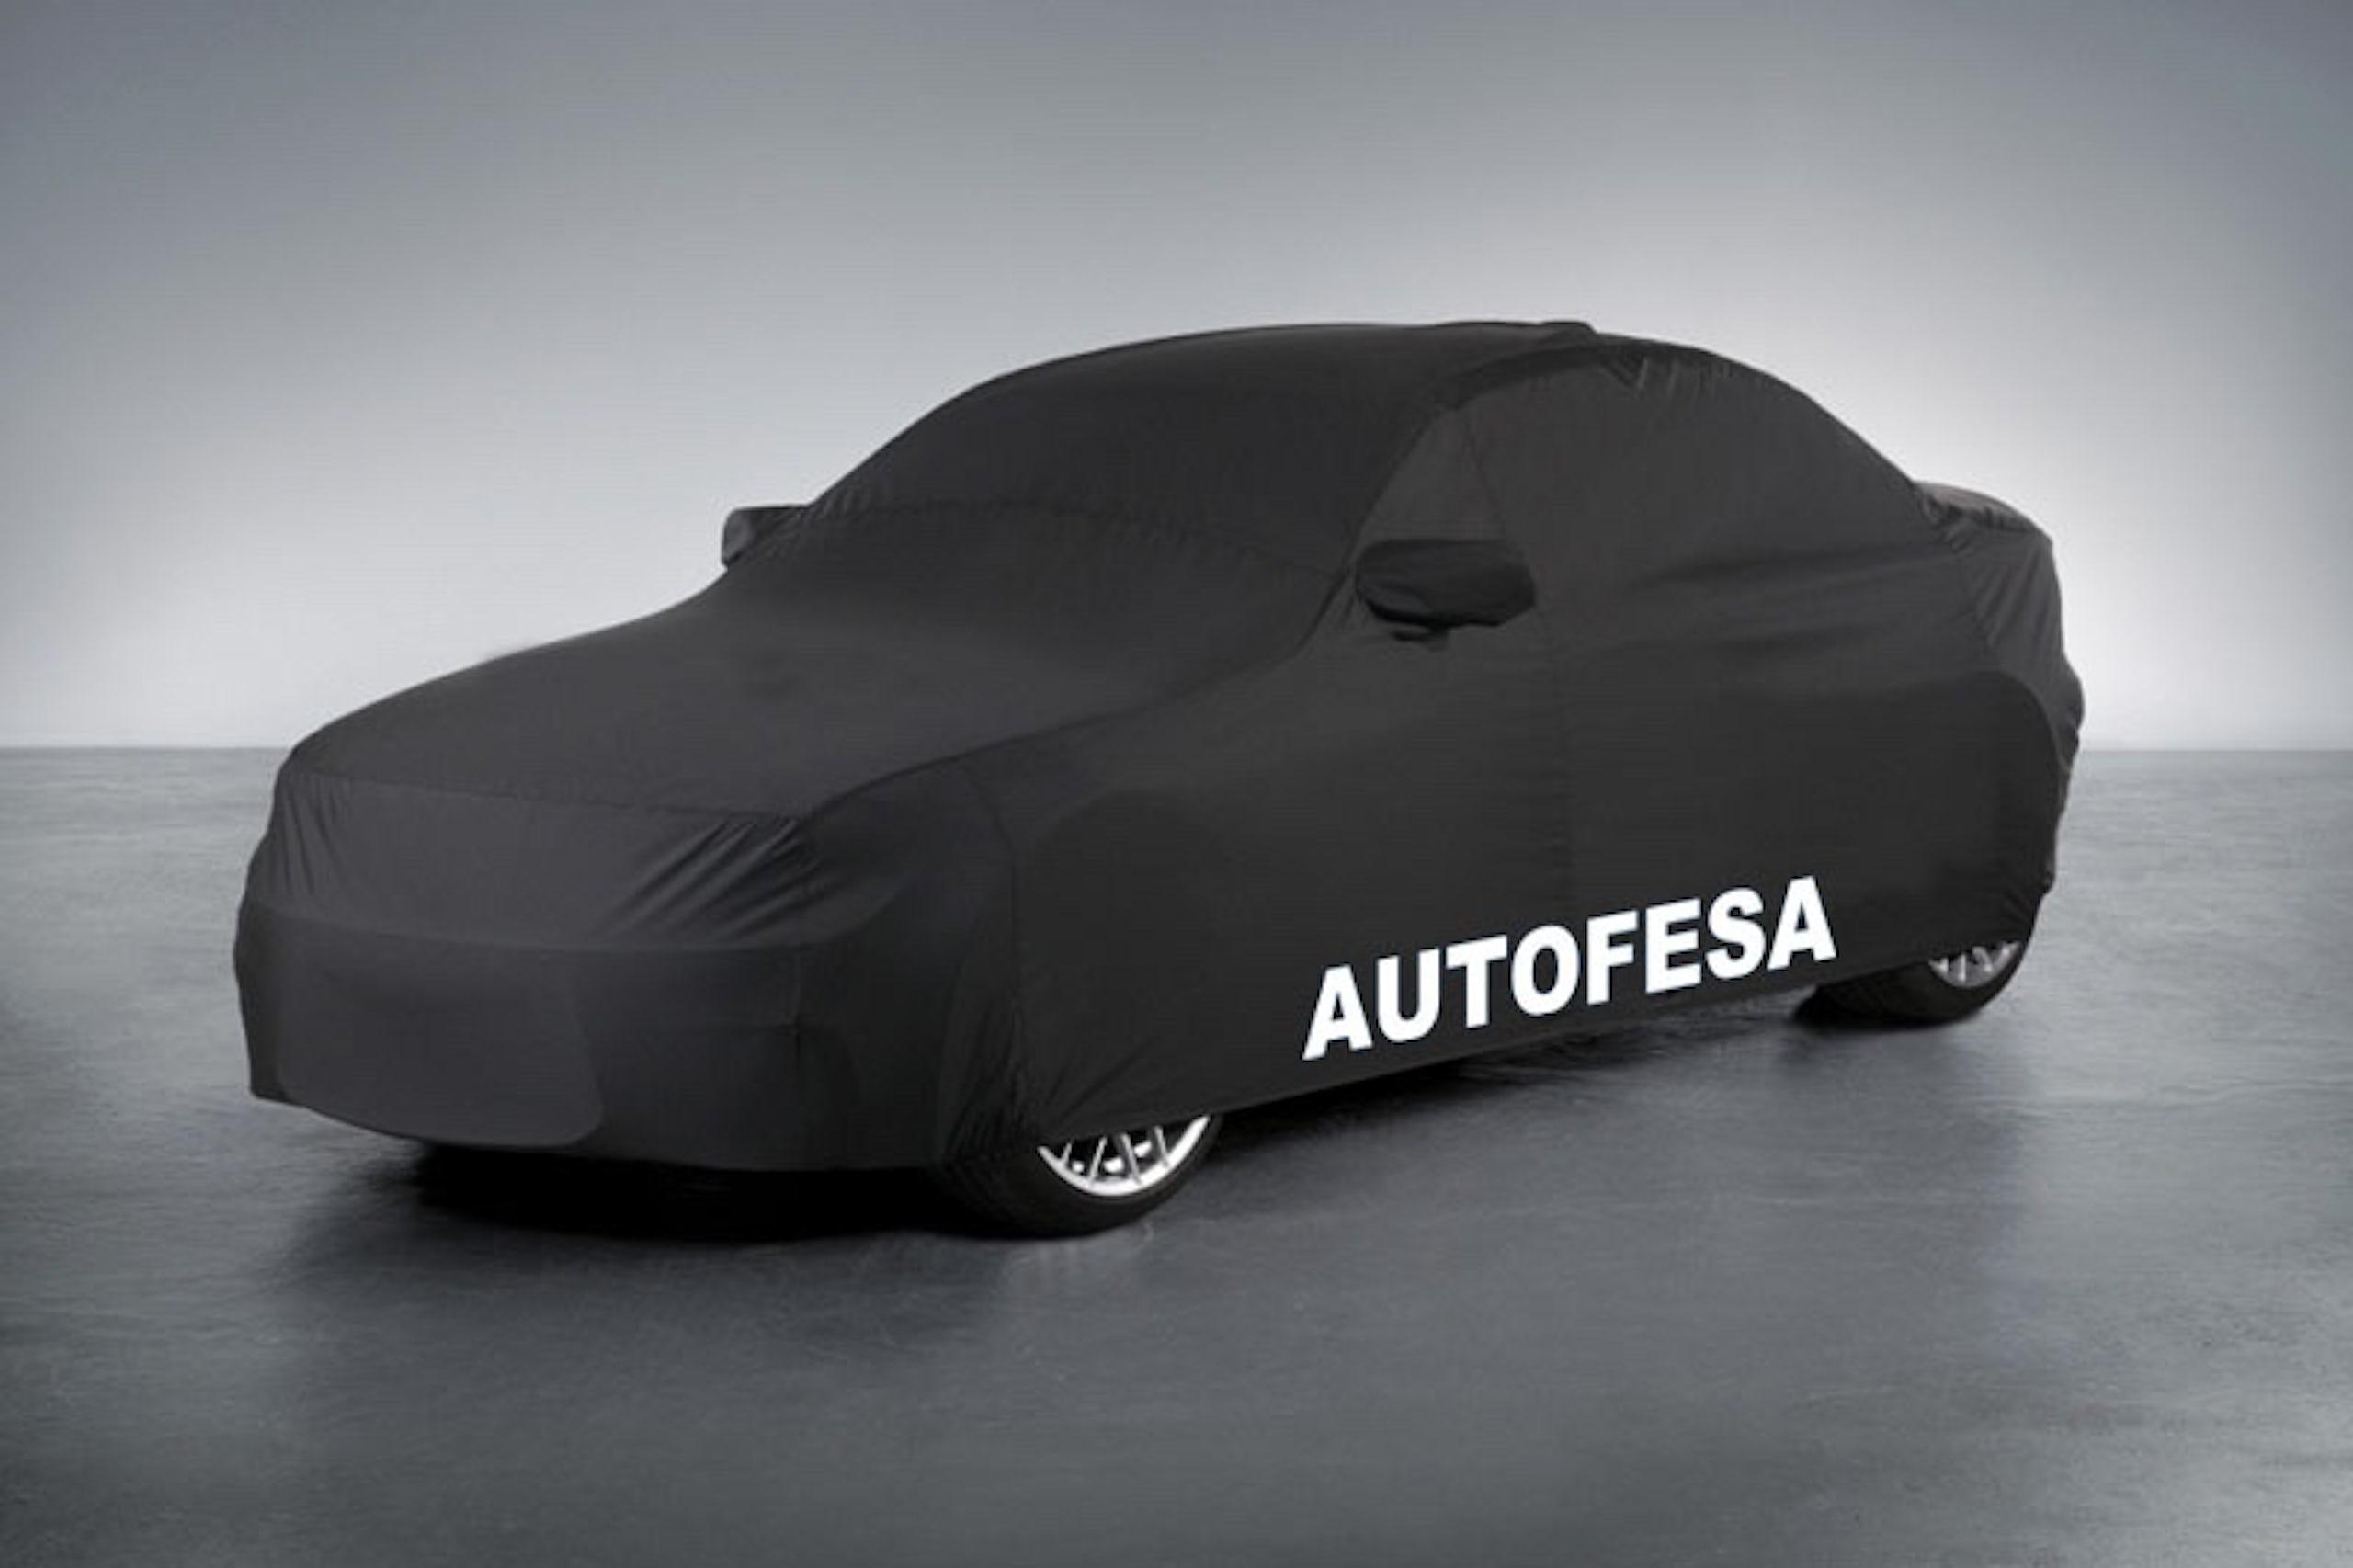 Mercedes-benz GLA 250 2.0 DCT 211cv AMG 4MATIC 7G Auto - Foto 20